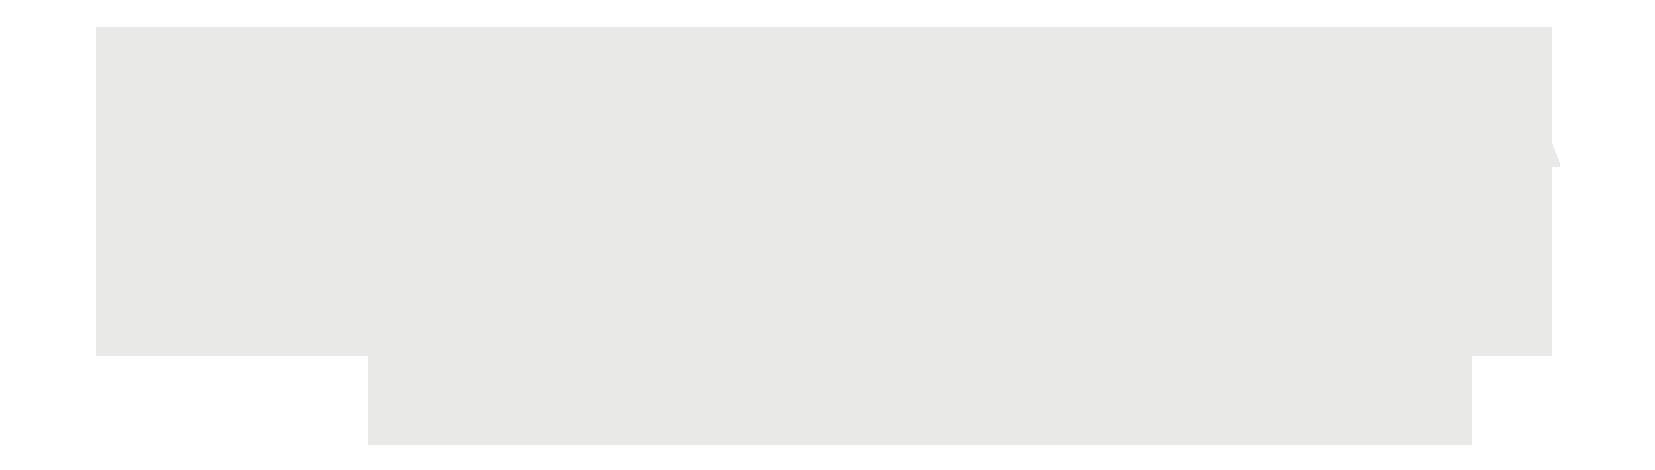 Estudio Artesana logo